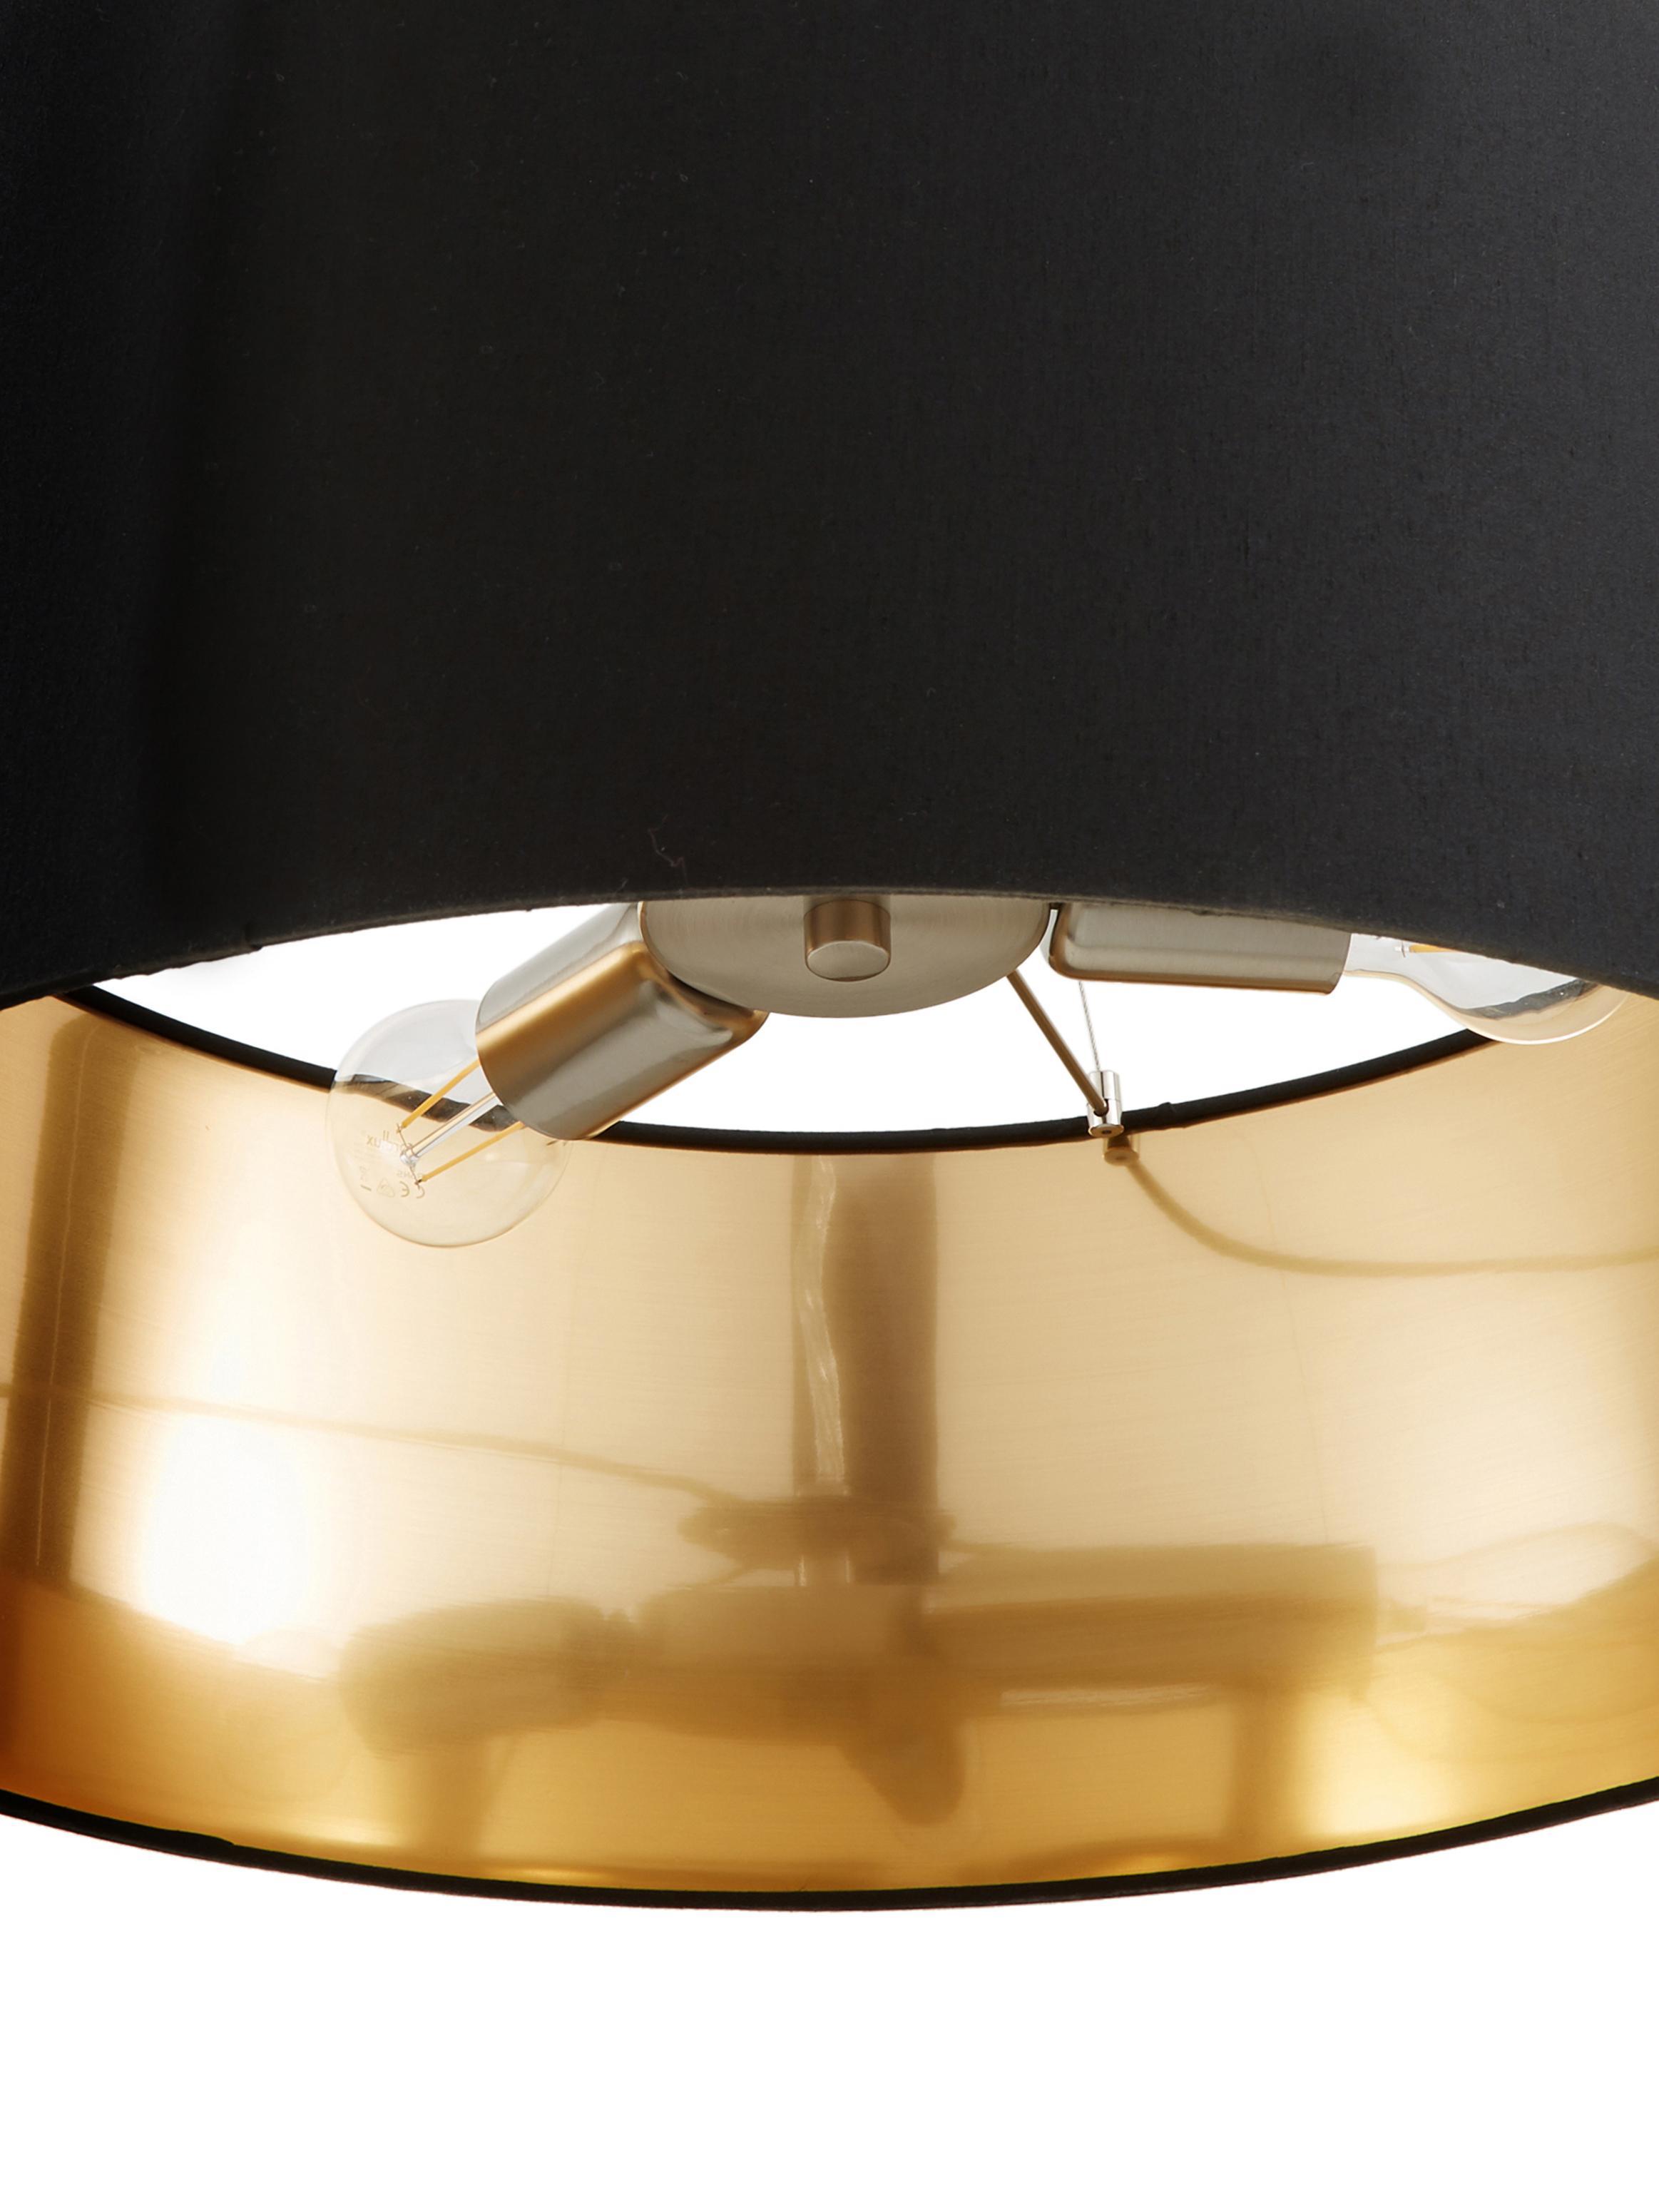 Pendelleuchte Jamie, Baldachin: Metall, vernickelt, Silberfarben,Schwarz, ∅ 53 x H 24 cm